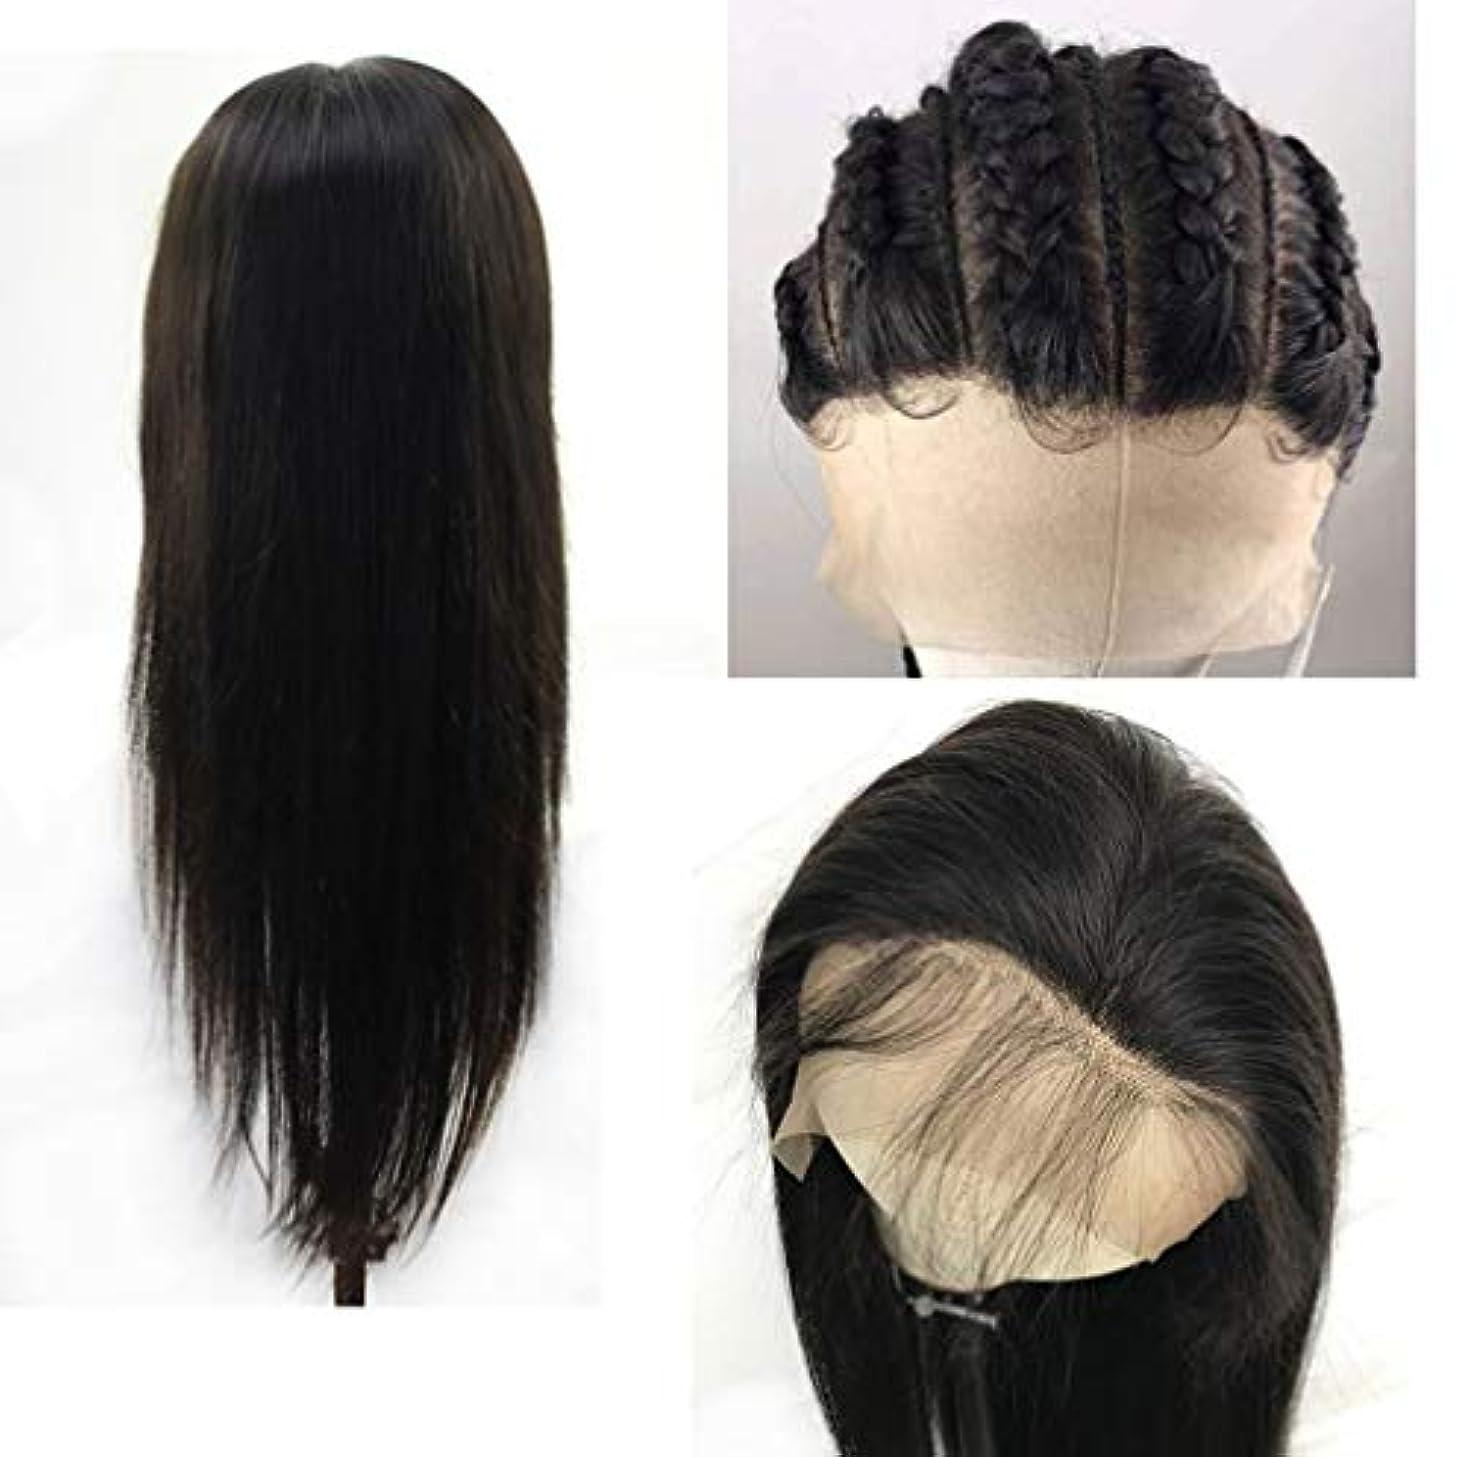 るポール消毒剤女性かつら13 * 6フロントレースブラジルバージンストレート人間の髪グルーレスロング人間の髪かつらベビーヘアロングレースかつら調節可能なストラップ